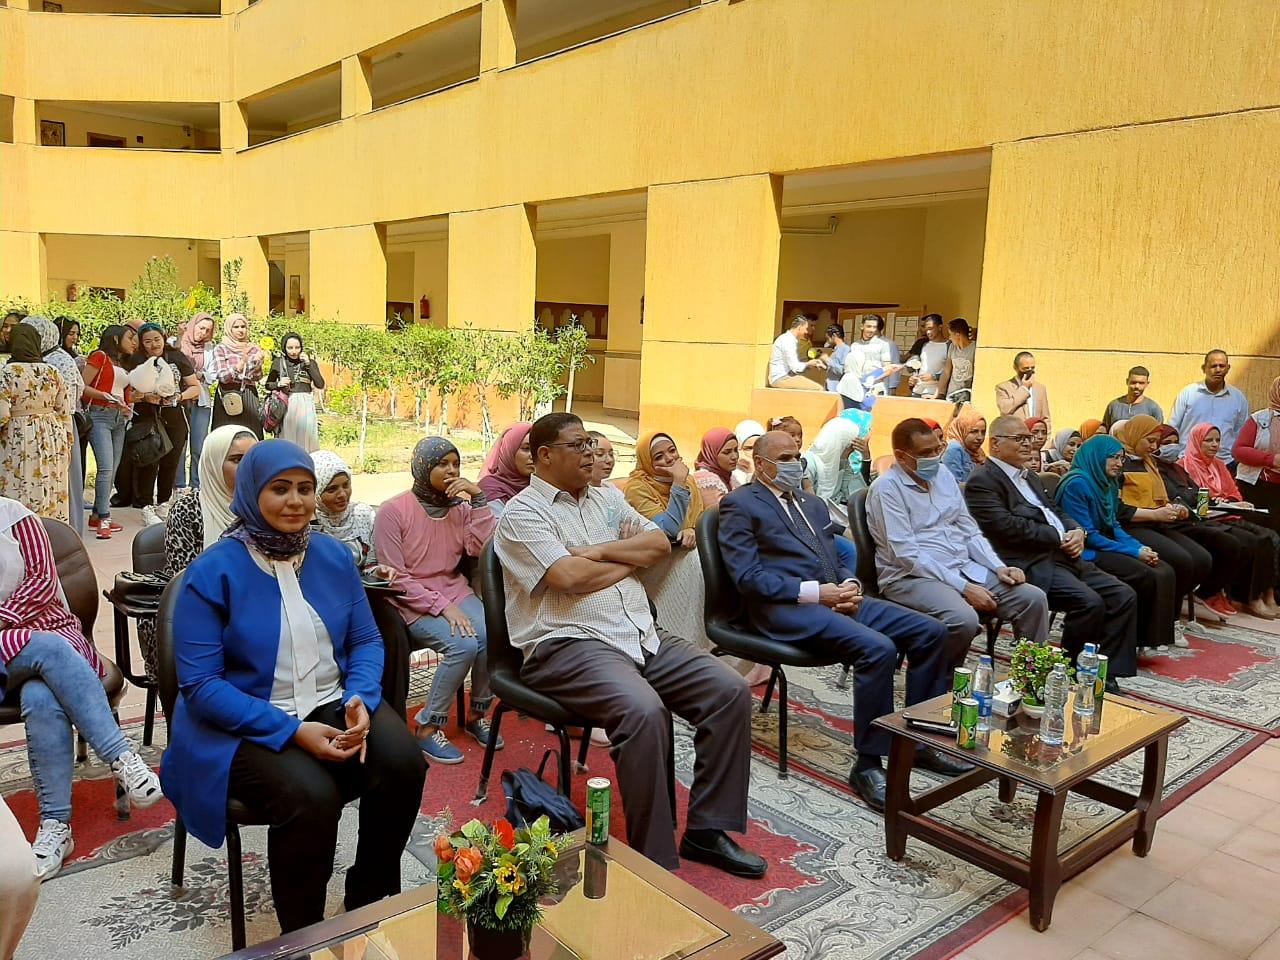 رئيس جامعة الأقصر يشهد حفل إستقبال الطلاب الجدد بكلية الآثار (3)